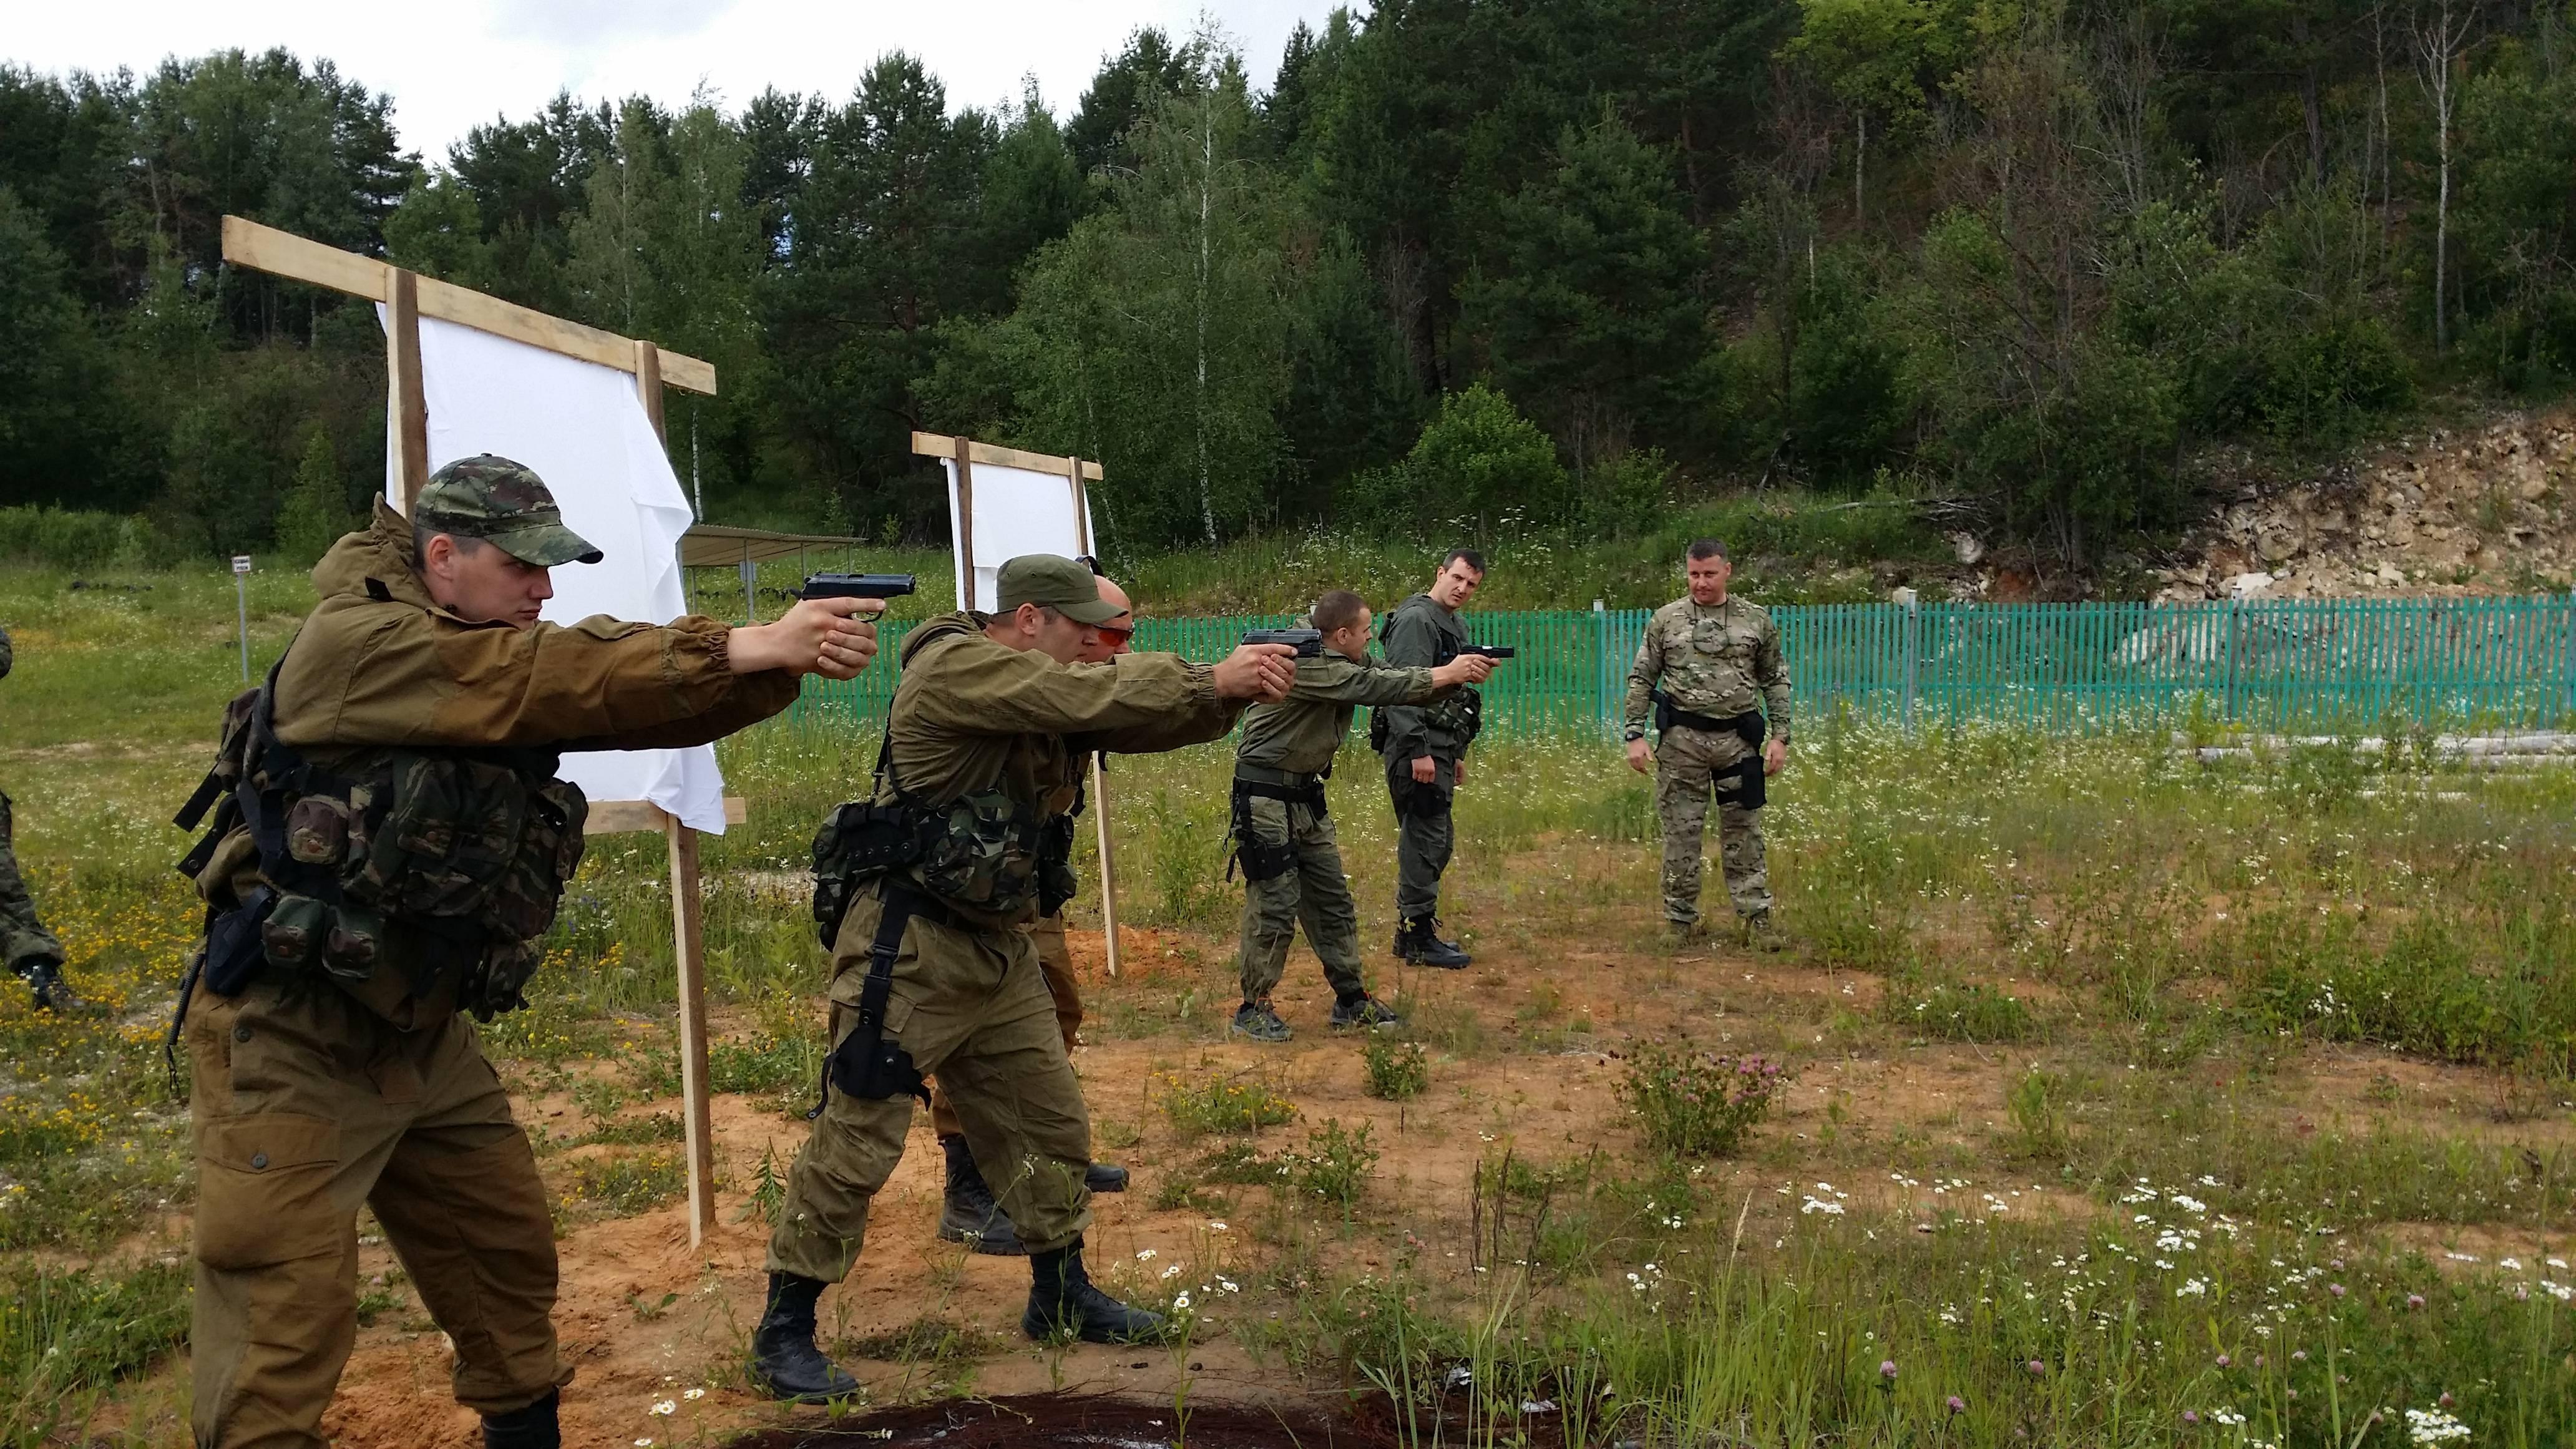 Методика тренировки стрелкового упражнения в практической стрельбе